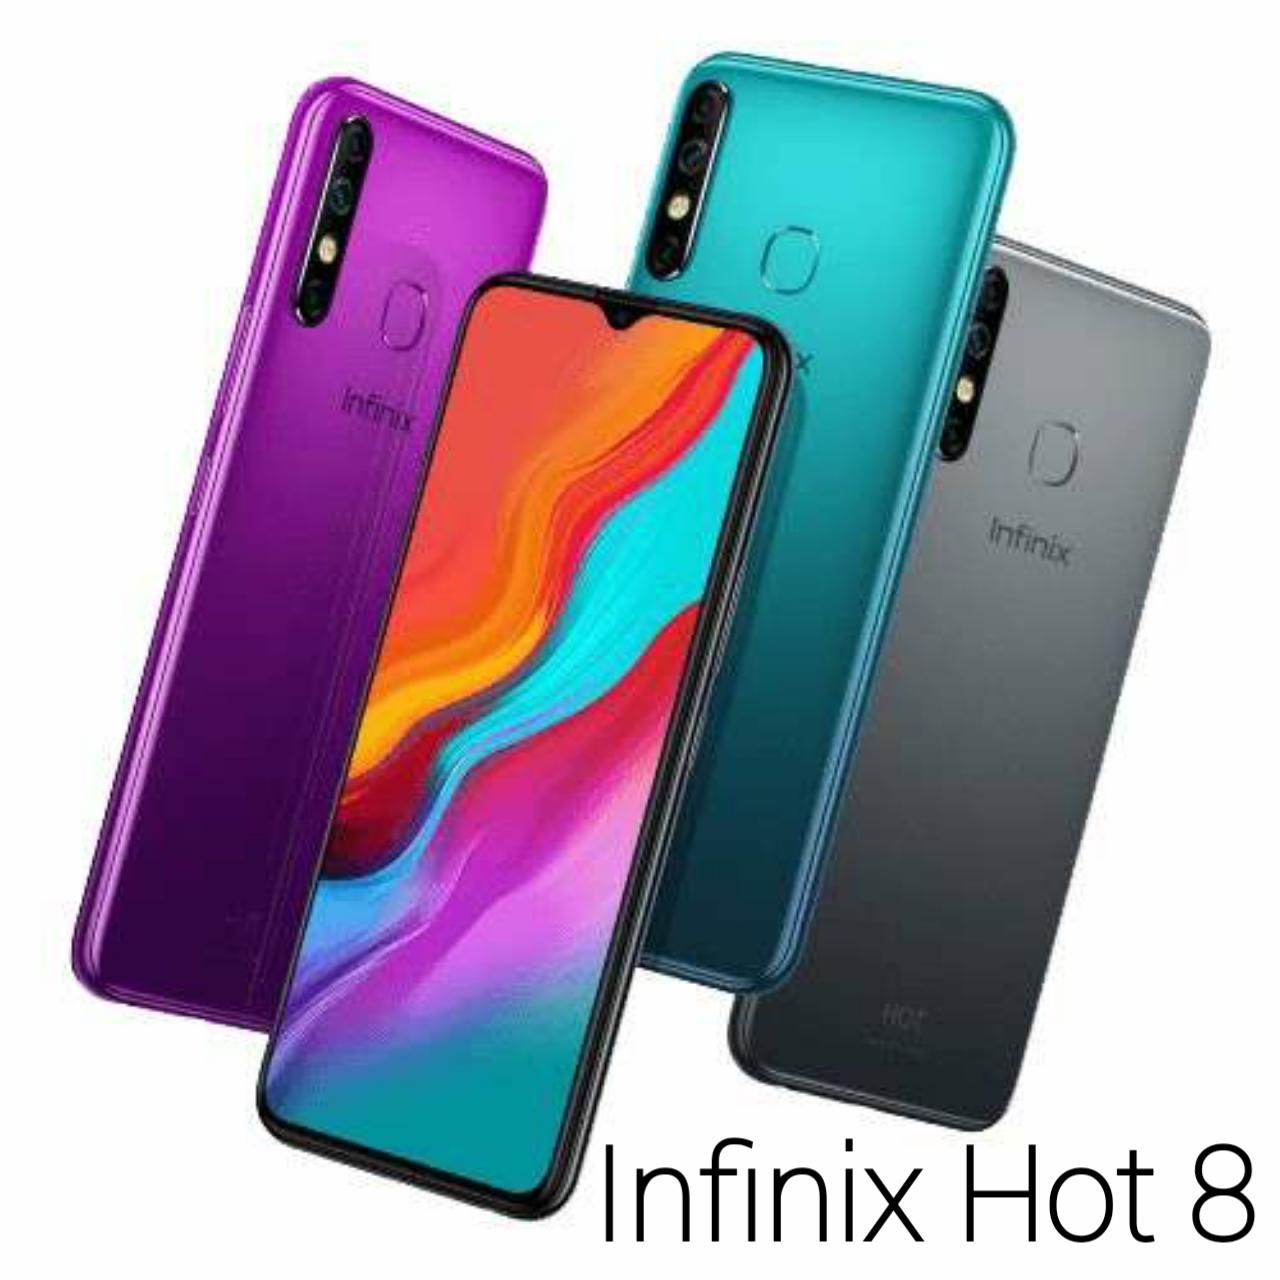 سعر ومواصفات هاتف انفنكس هوت 8 Infinix Hot